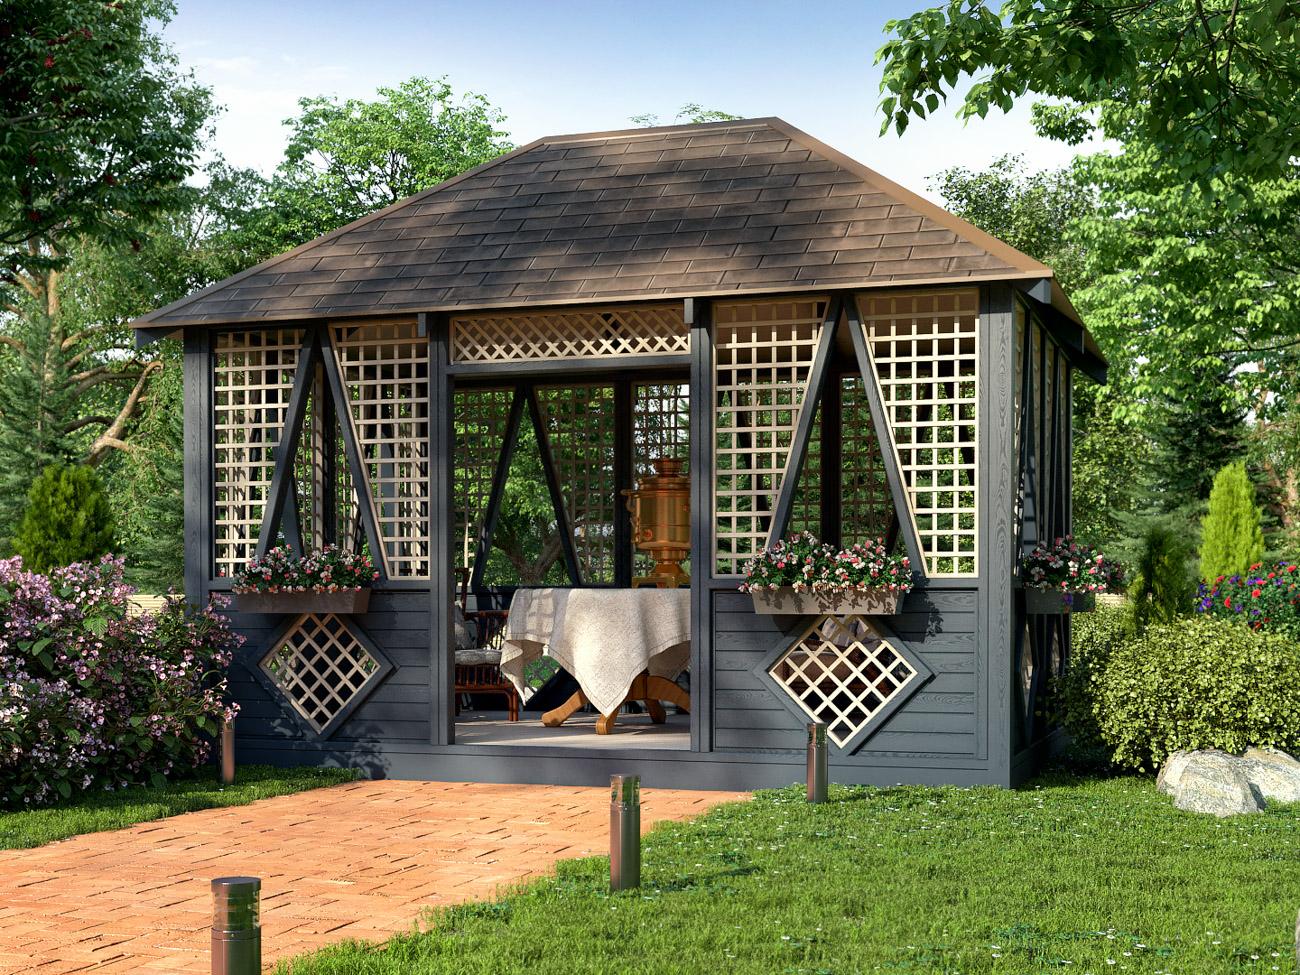 интересует картинки красивого сада с беседкой называется большая система